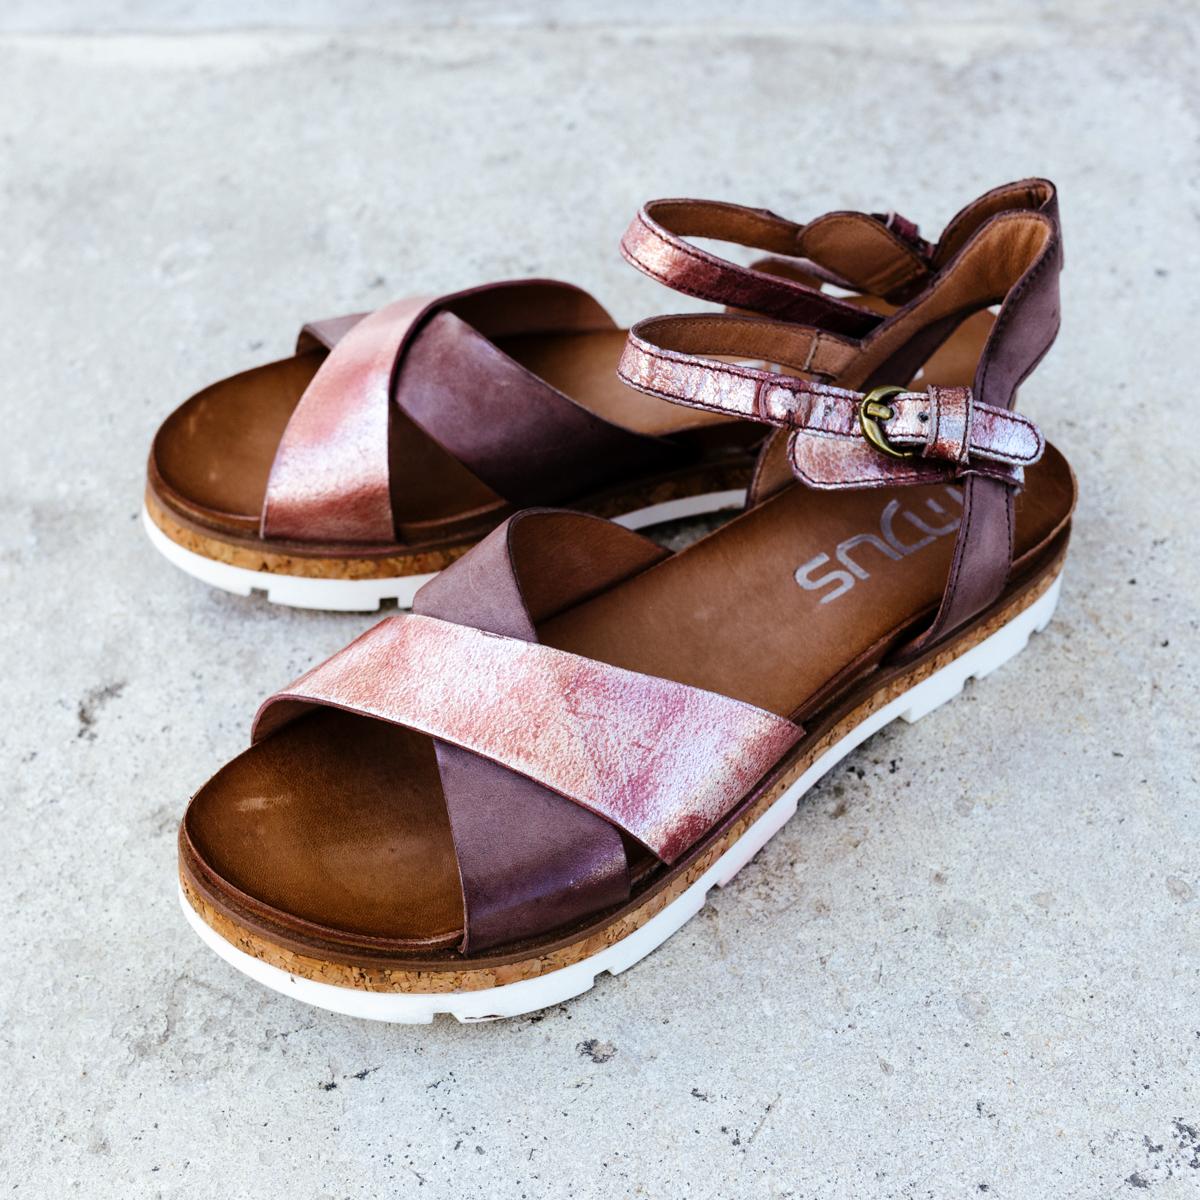 Mjus   Der italienische Schuhhersteller ist seit 2007 aktiv und bietet eine Vielfalt an zeitgemäßen Designs, die durch die aktuelle urbane Mode stark beeinflusst werden. Die Schuhe sind wie für die Stadt gemacht und begeistern uns mit robusten und zugleich sehr femininen Looks, die sich perfekt mit lässigen Casual Outfits vereinbaren lassen. Außerdem zeichnen sich die Trendschuhe durch ein großartiges Tragegefühl